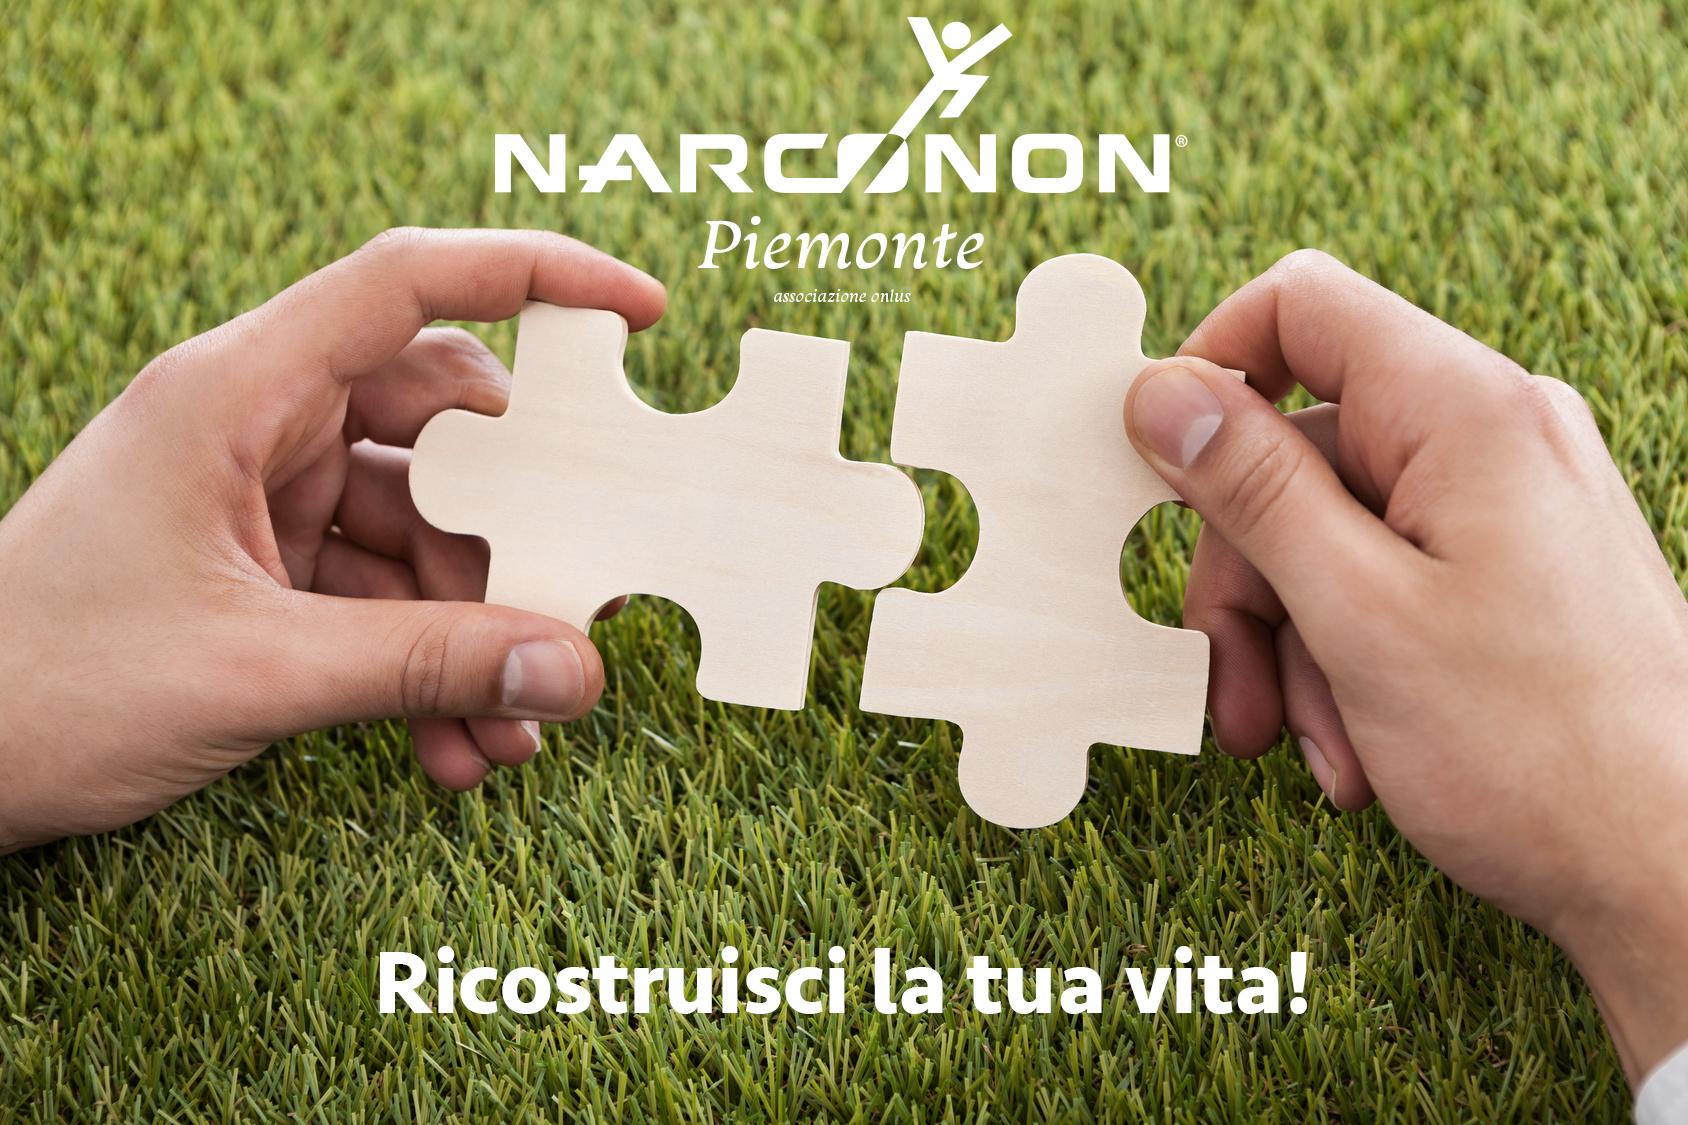 Narconon Piemonte, ricostruisci la tua vita